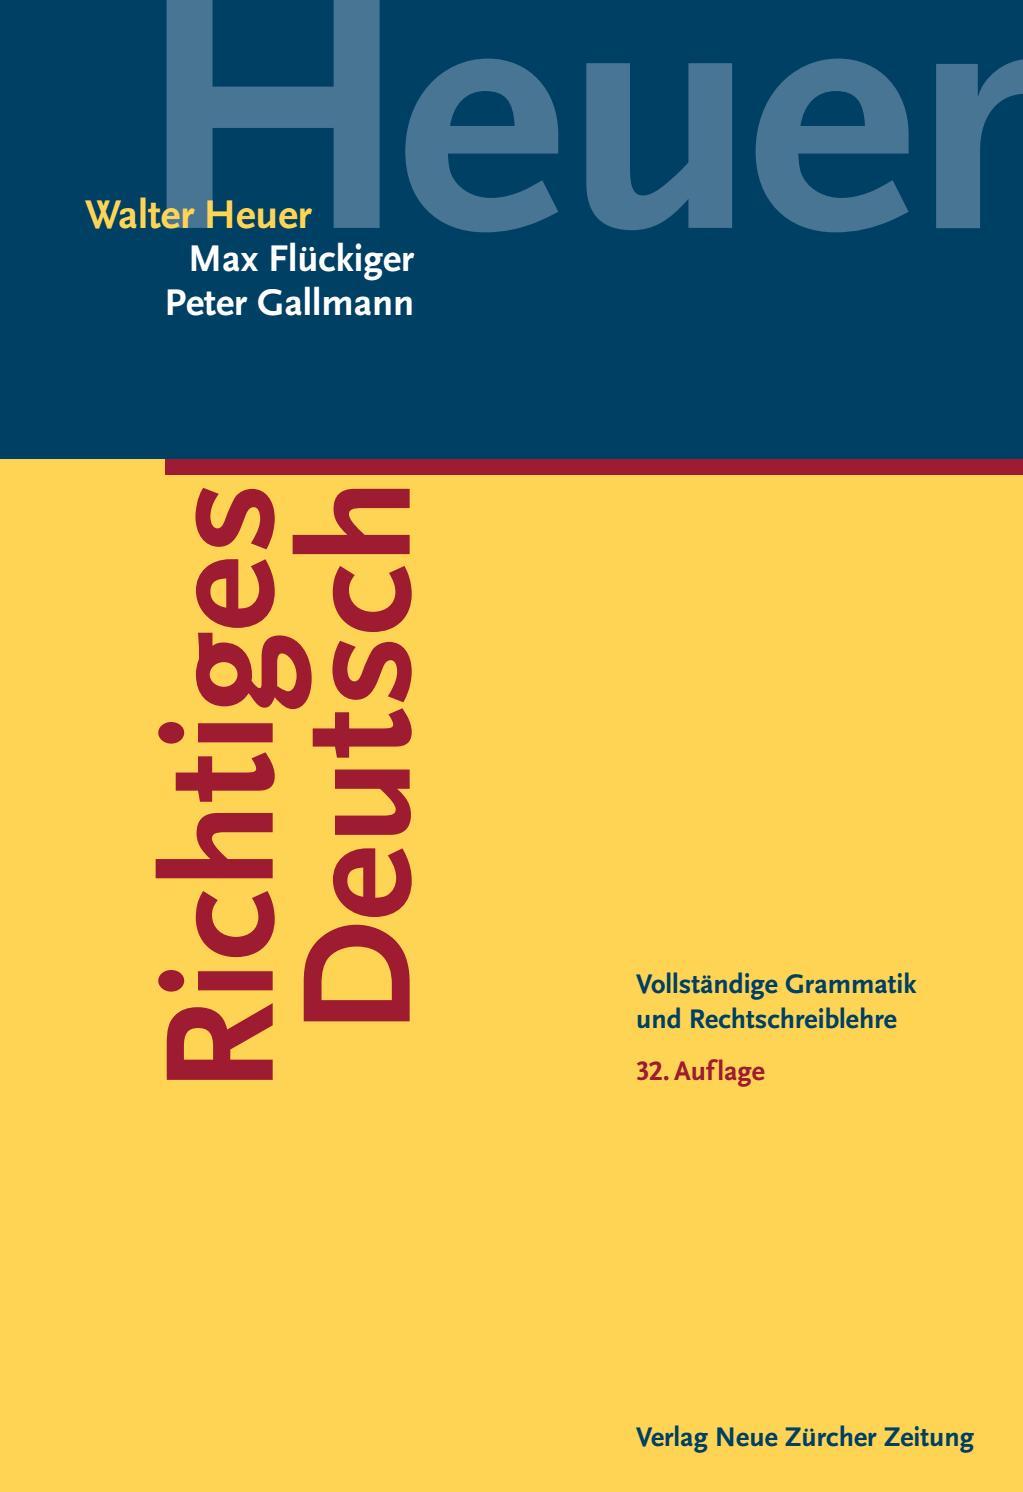 Heuer, Flückiger, Gallmann: Richtiges Deutsch by NZZ Libro - issuu